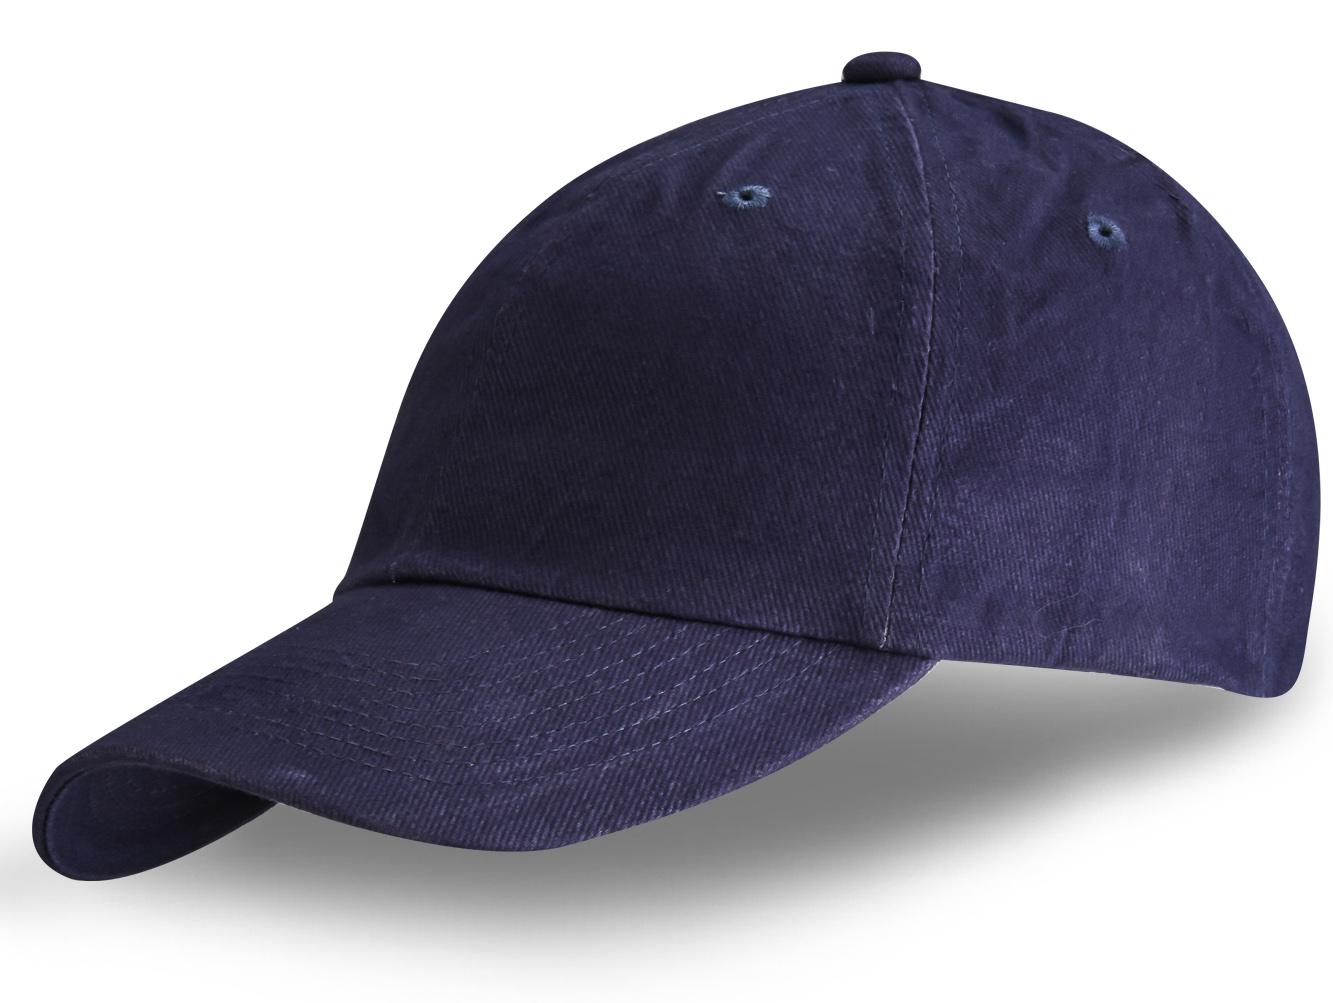 Бейсболка темно-синяя - купить в интернет-магазине с доставкой